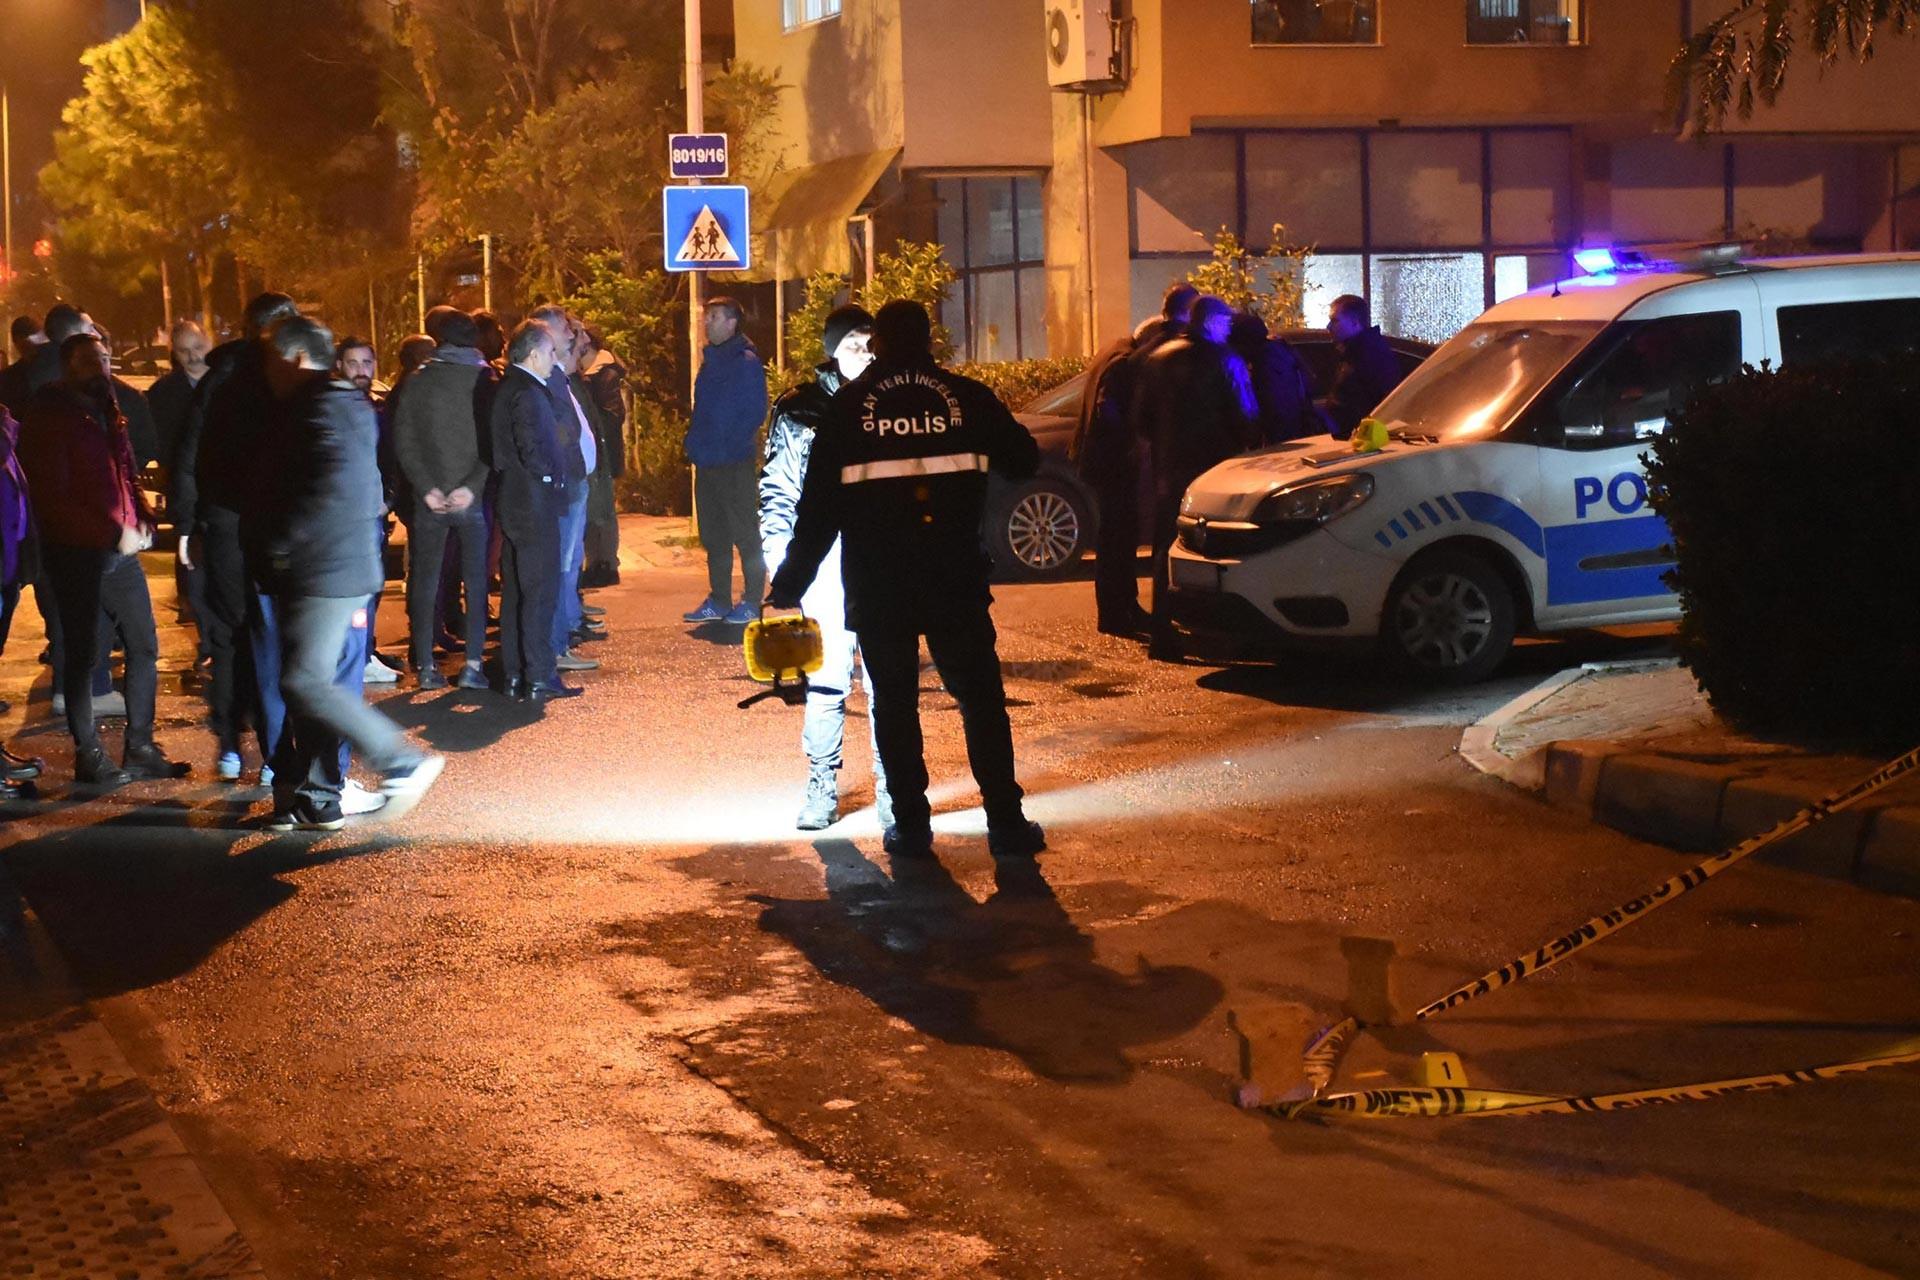 Çiğli Belediye Başkan Yardımcısı Ali Rıza Koçer'in silahlı saldırıya uğradığı yerde polis inceleme yaparken